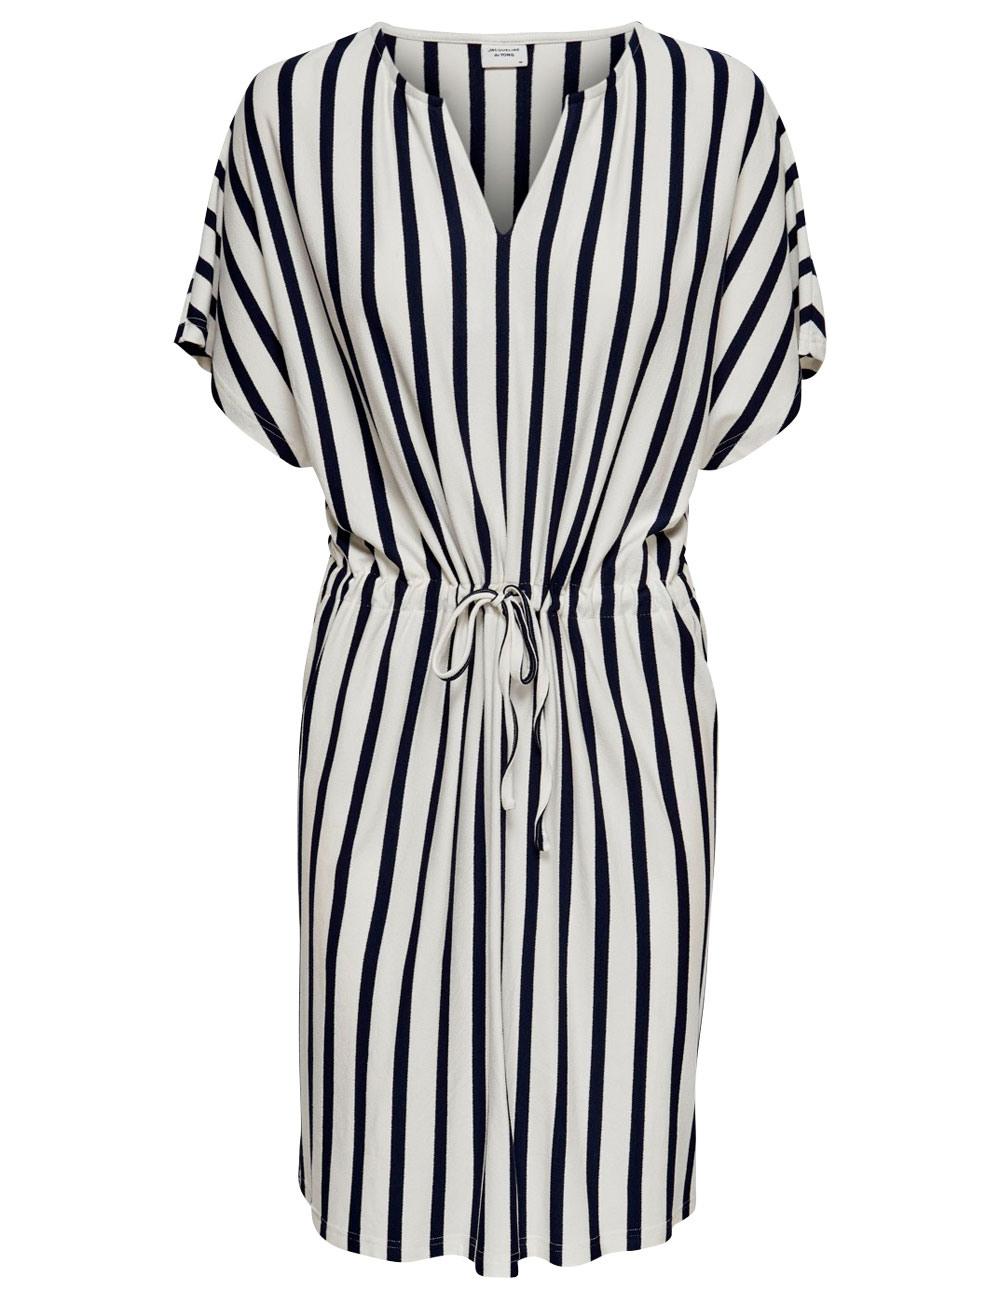 17 Cool Kleid Gestreift Boutique Cool Kleid Gestreift Vertrieb